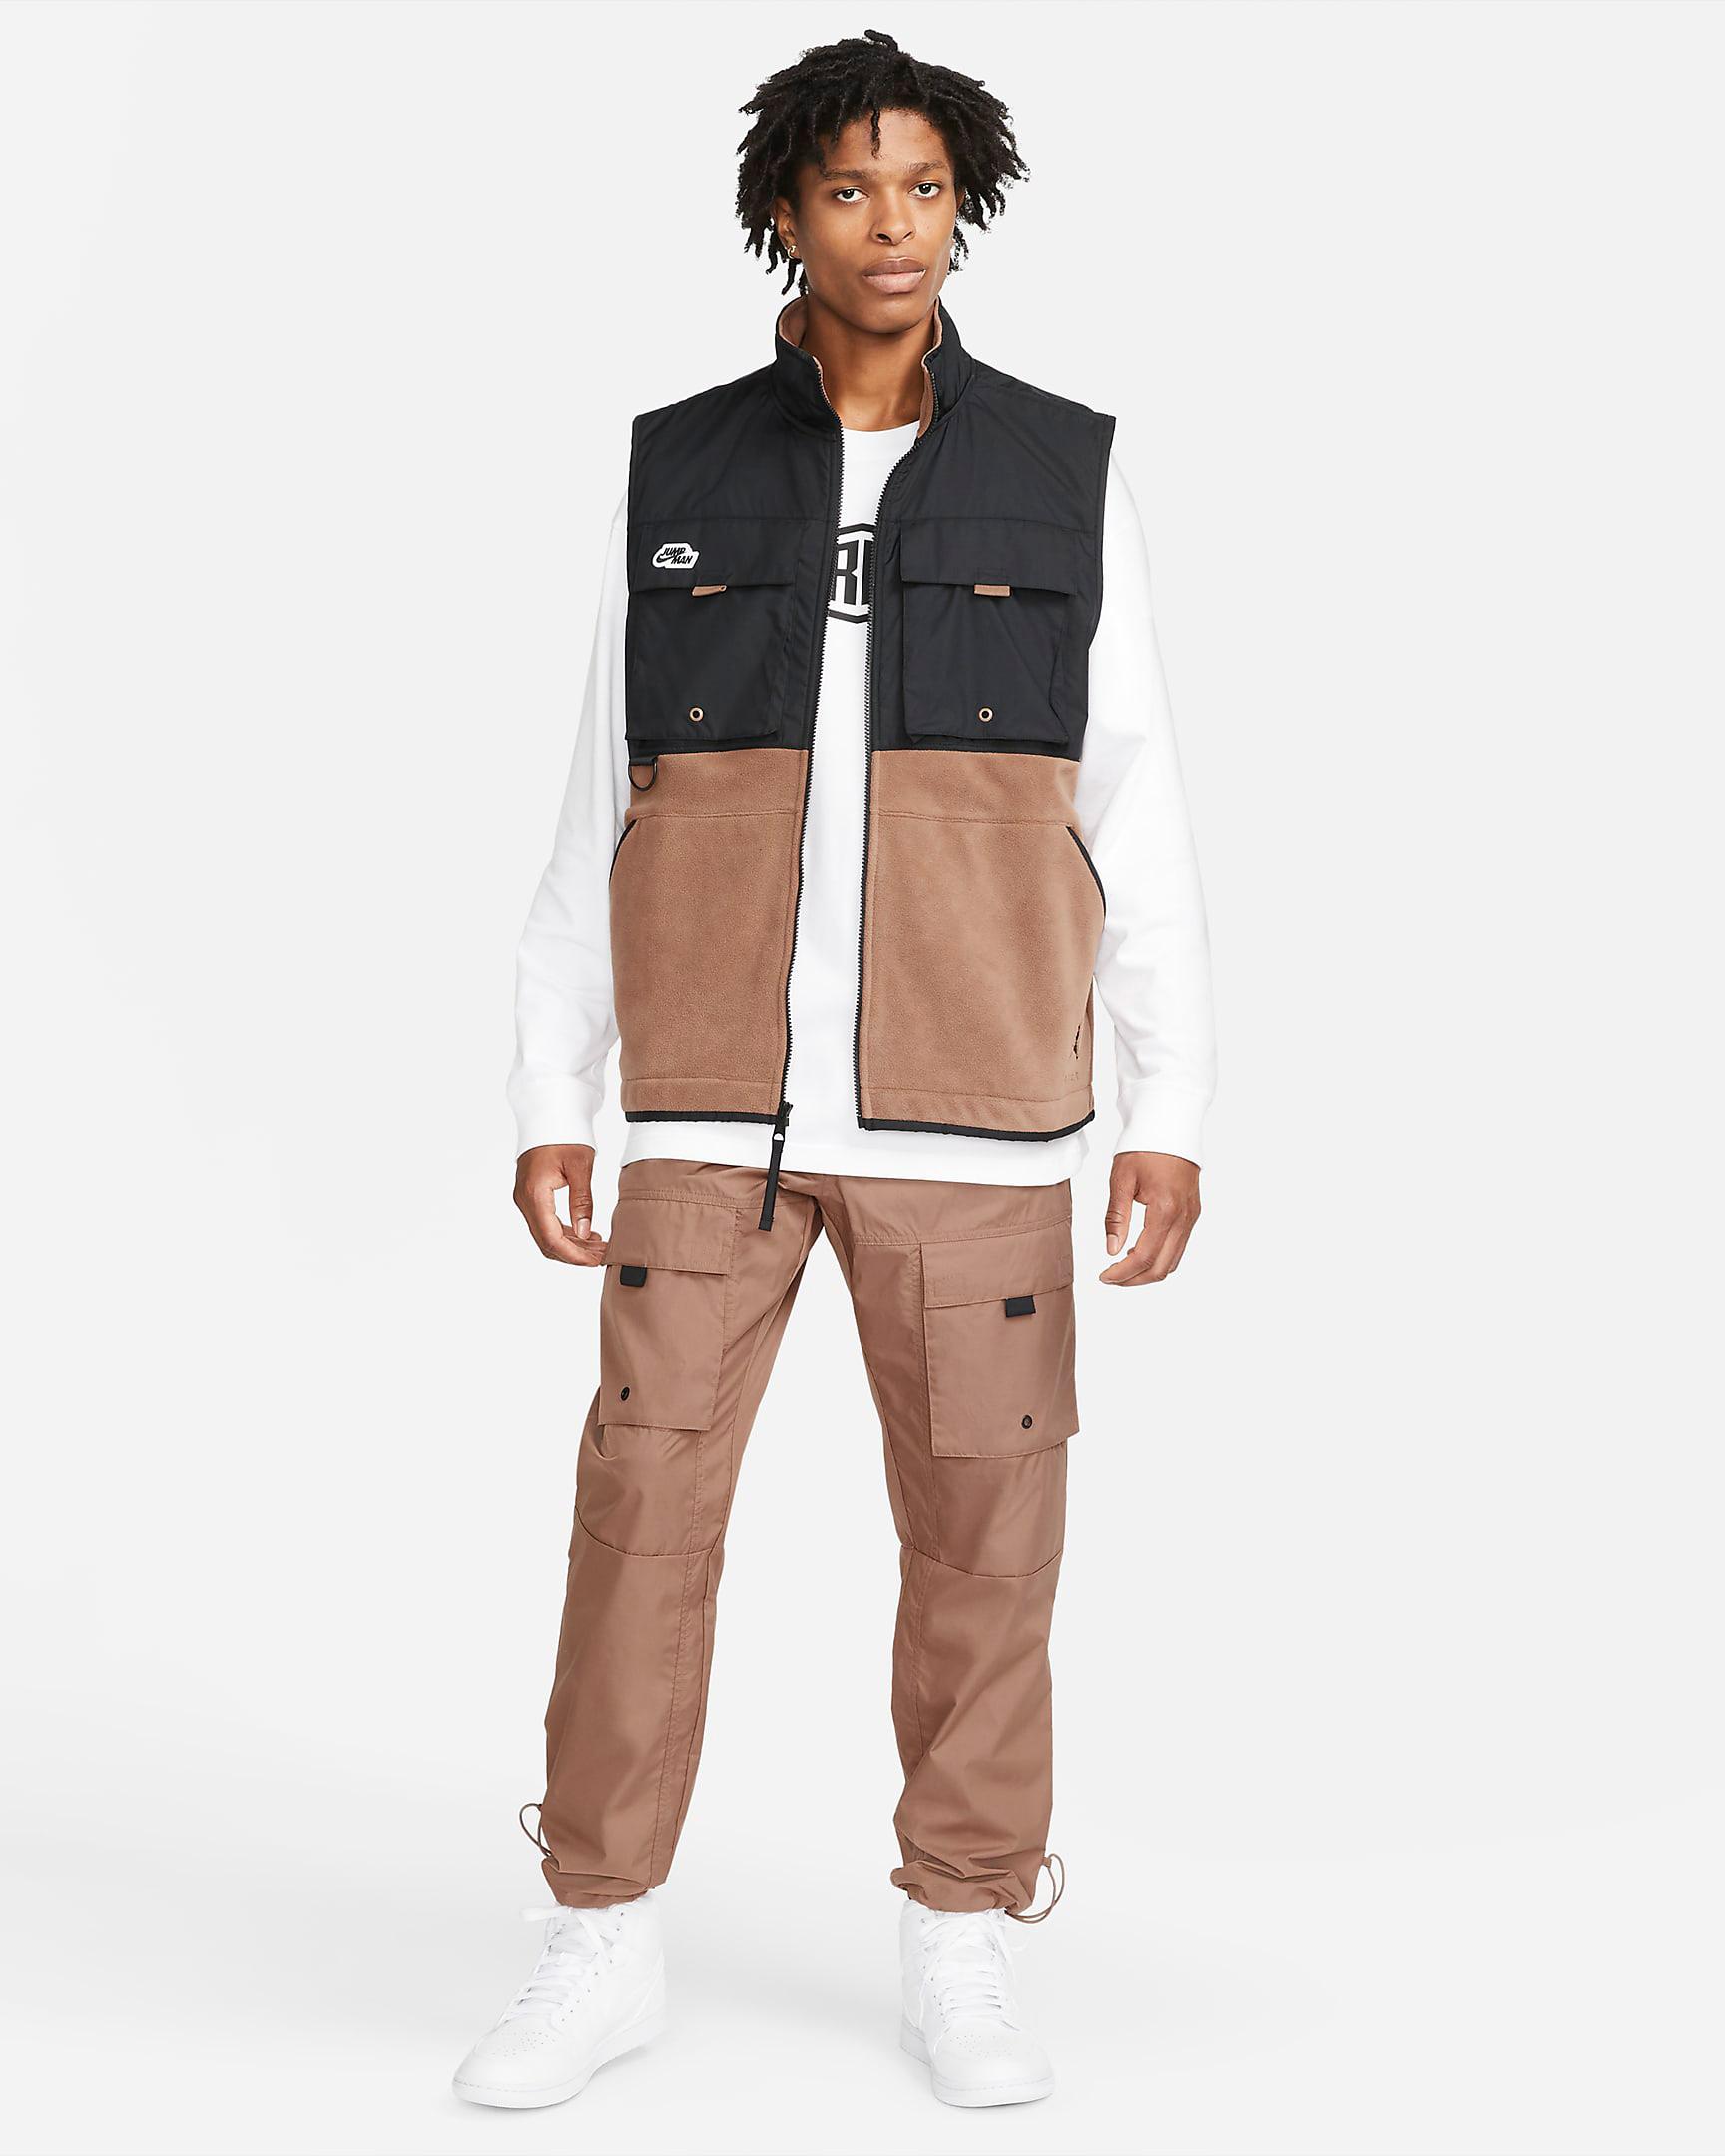 jordan-archaeo-brown-vest-pants-outfit